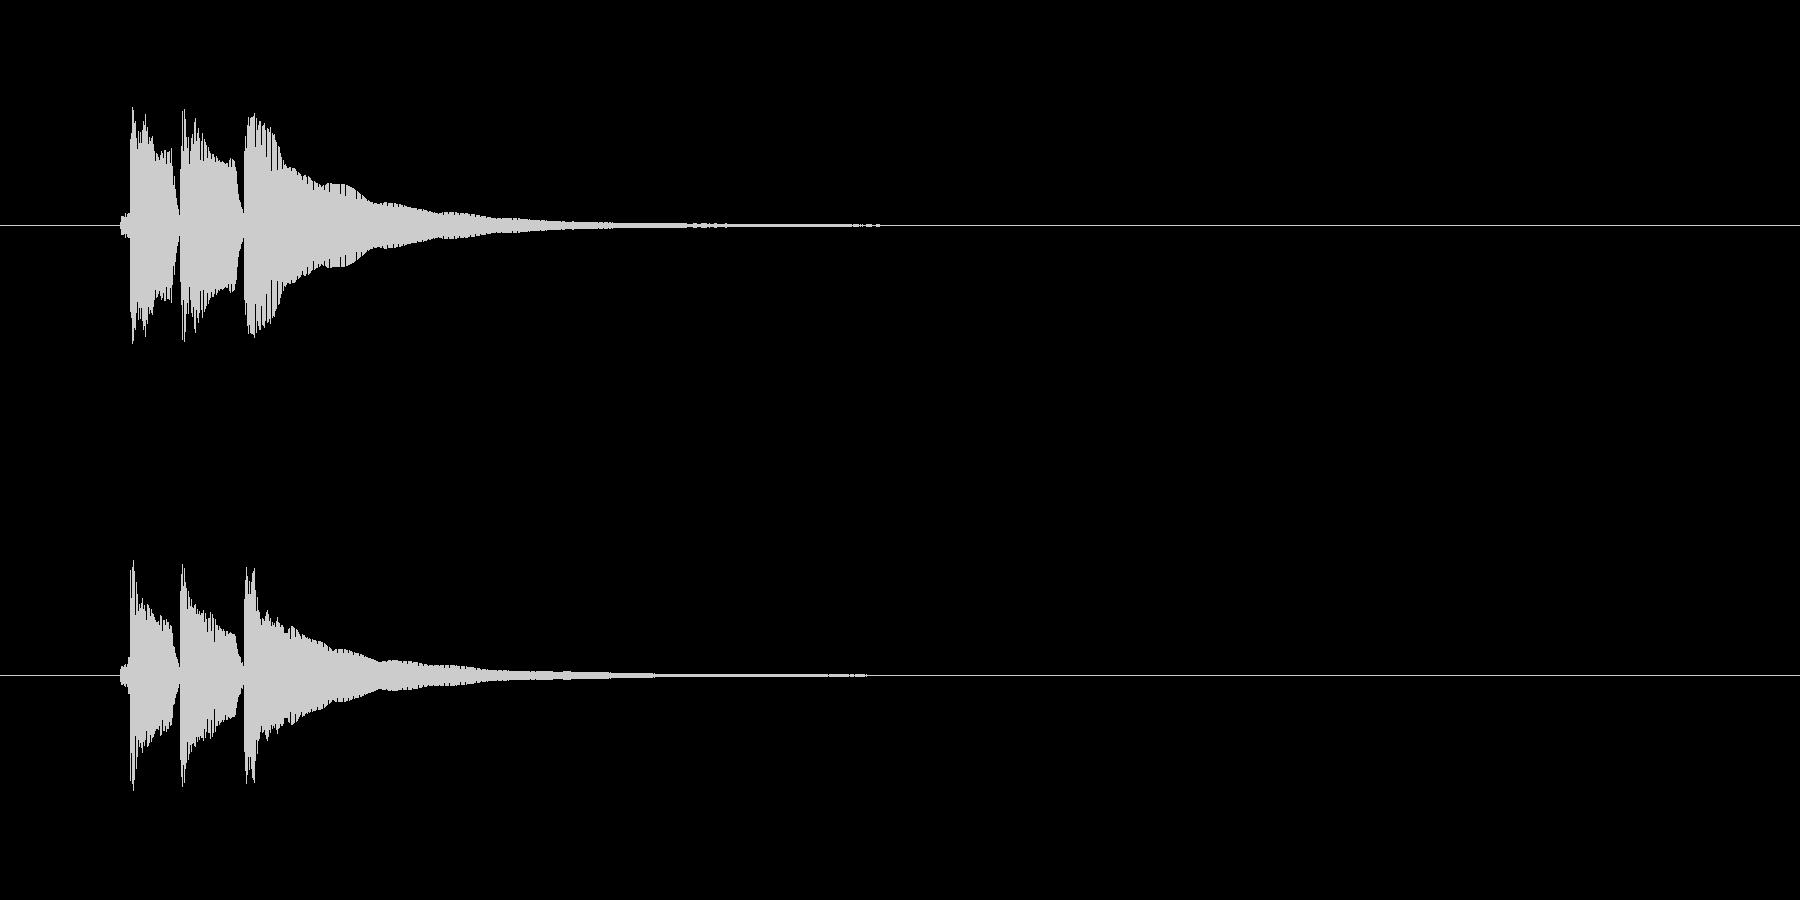 三味線の効果音(単音)パターン2の未再生の波形